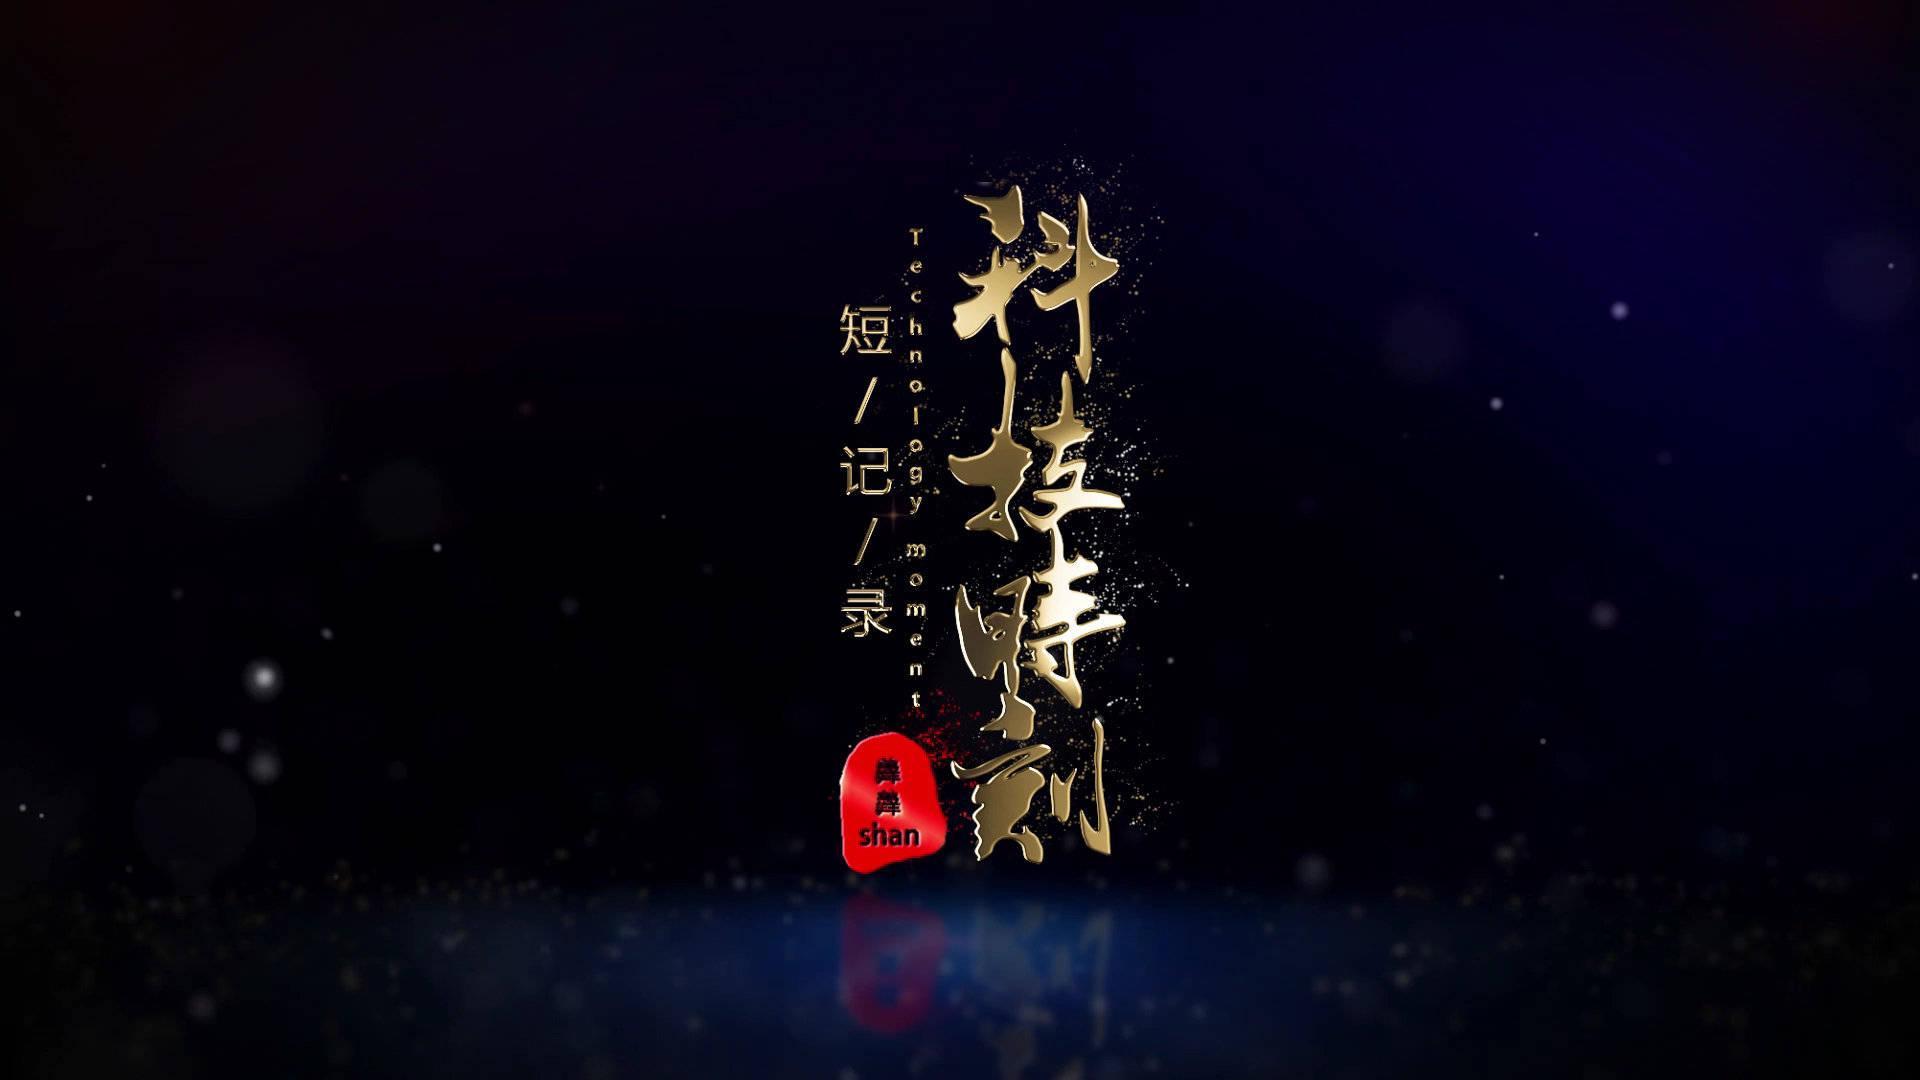 界面发布2020中国IT富豪榜马云马化腾丁磊位列前三